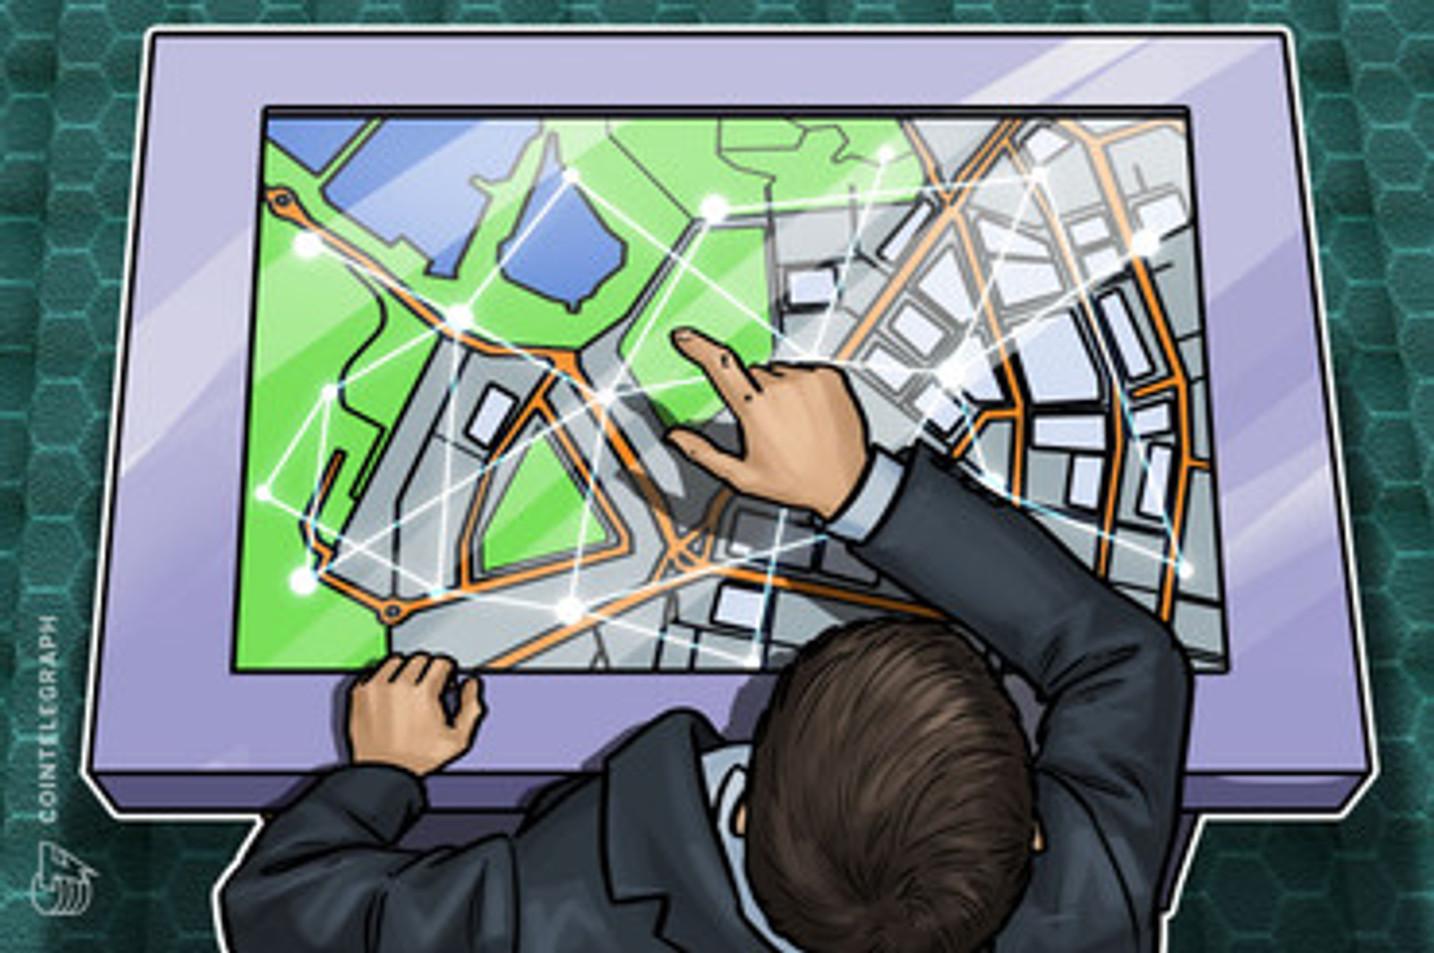 블록체인으로 신뢰 높인 온라인 부동산 경매 나온다